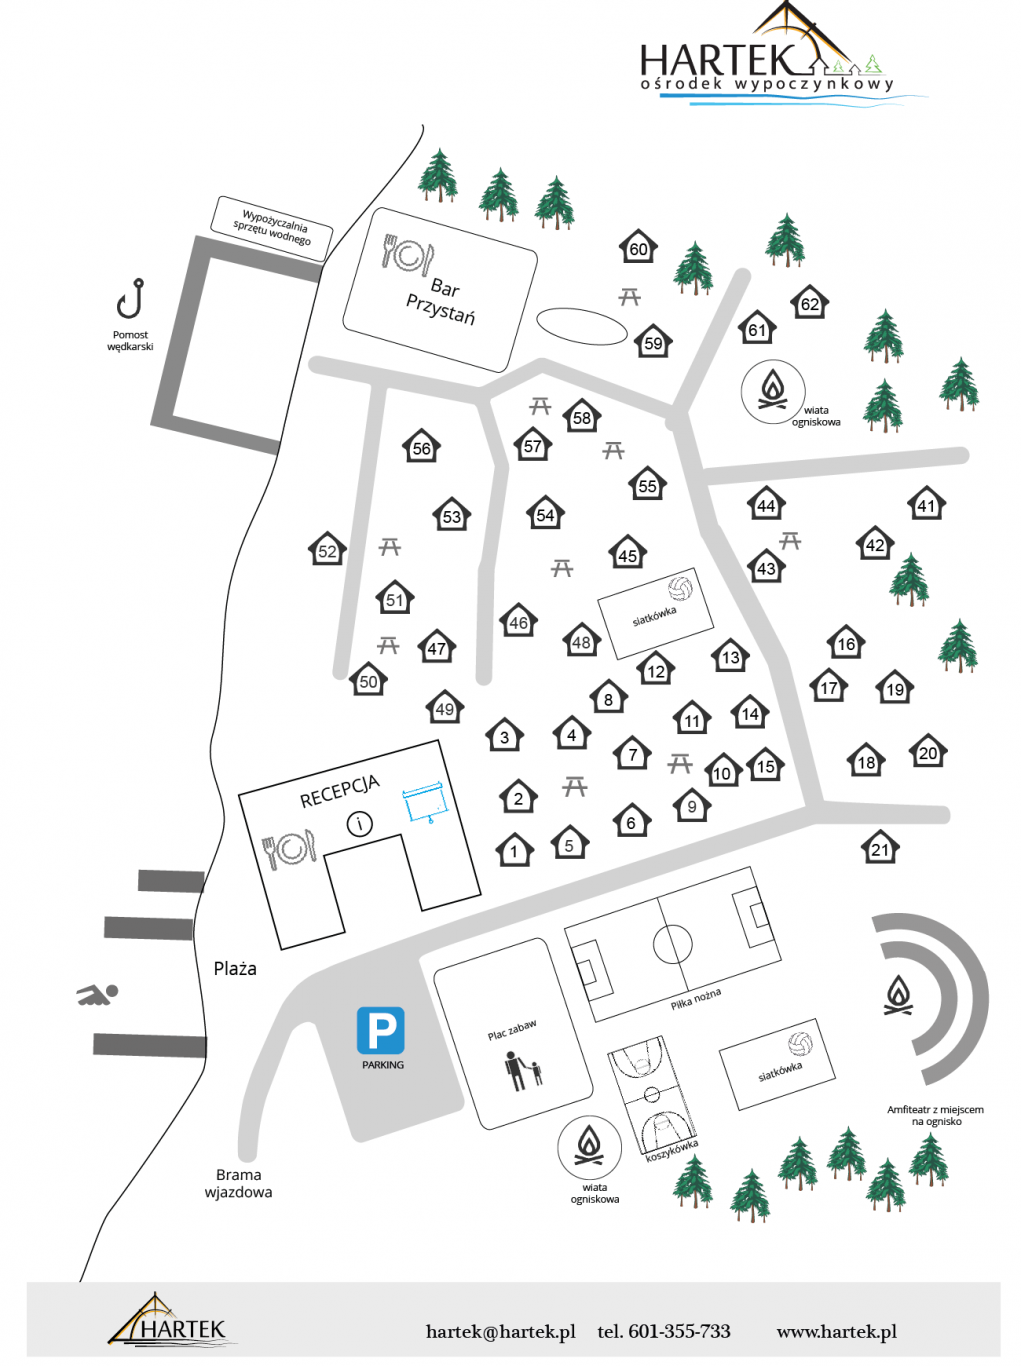 Hartek - położenie domków letniskowych, plaży, baru, placu zabaw, boisk, wiat ogniskowych, amfiteatru.